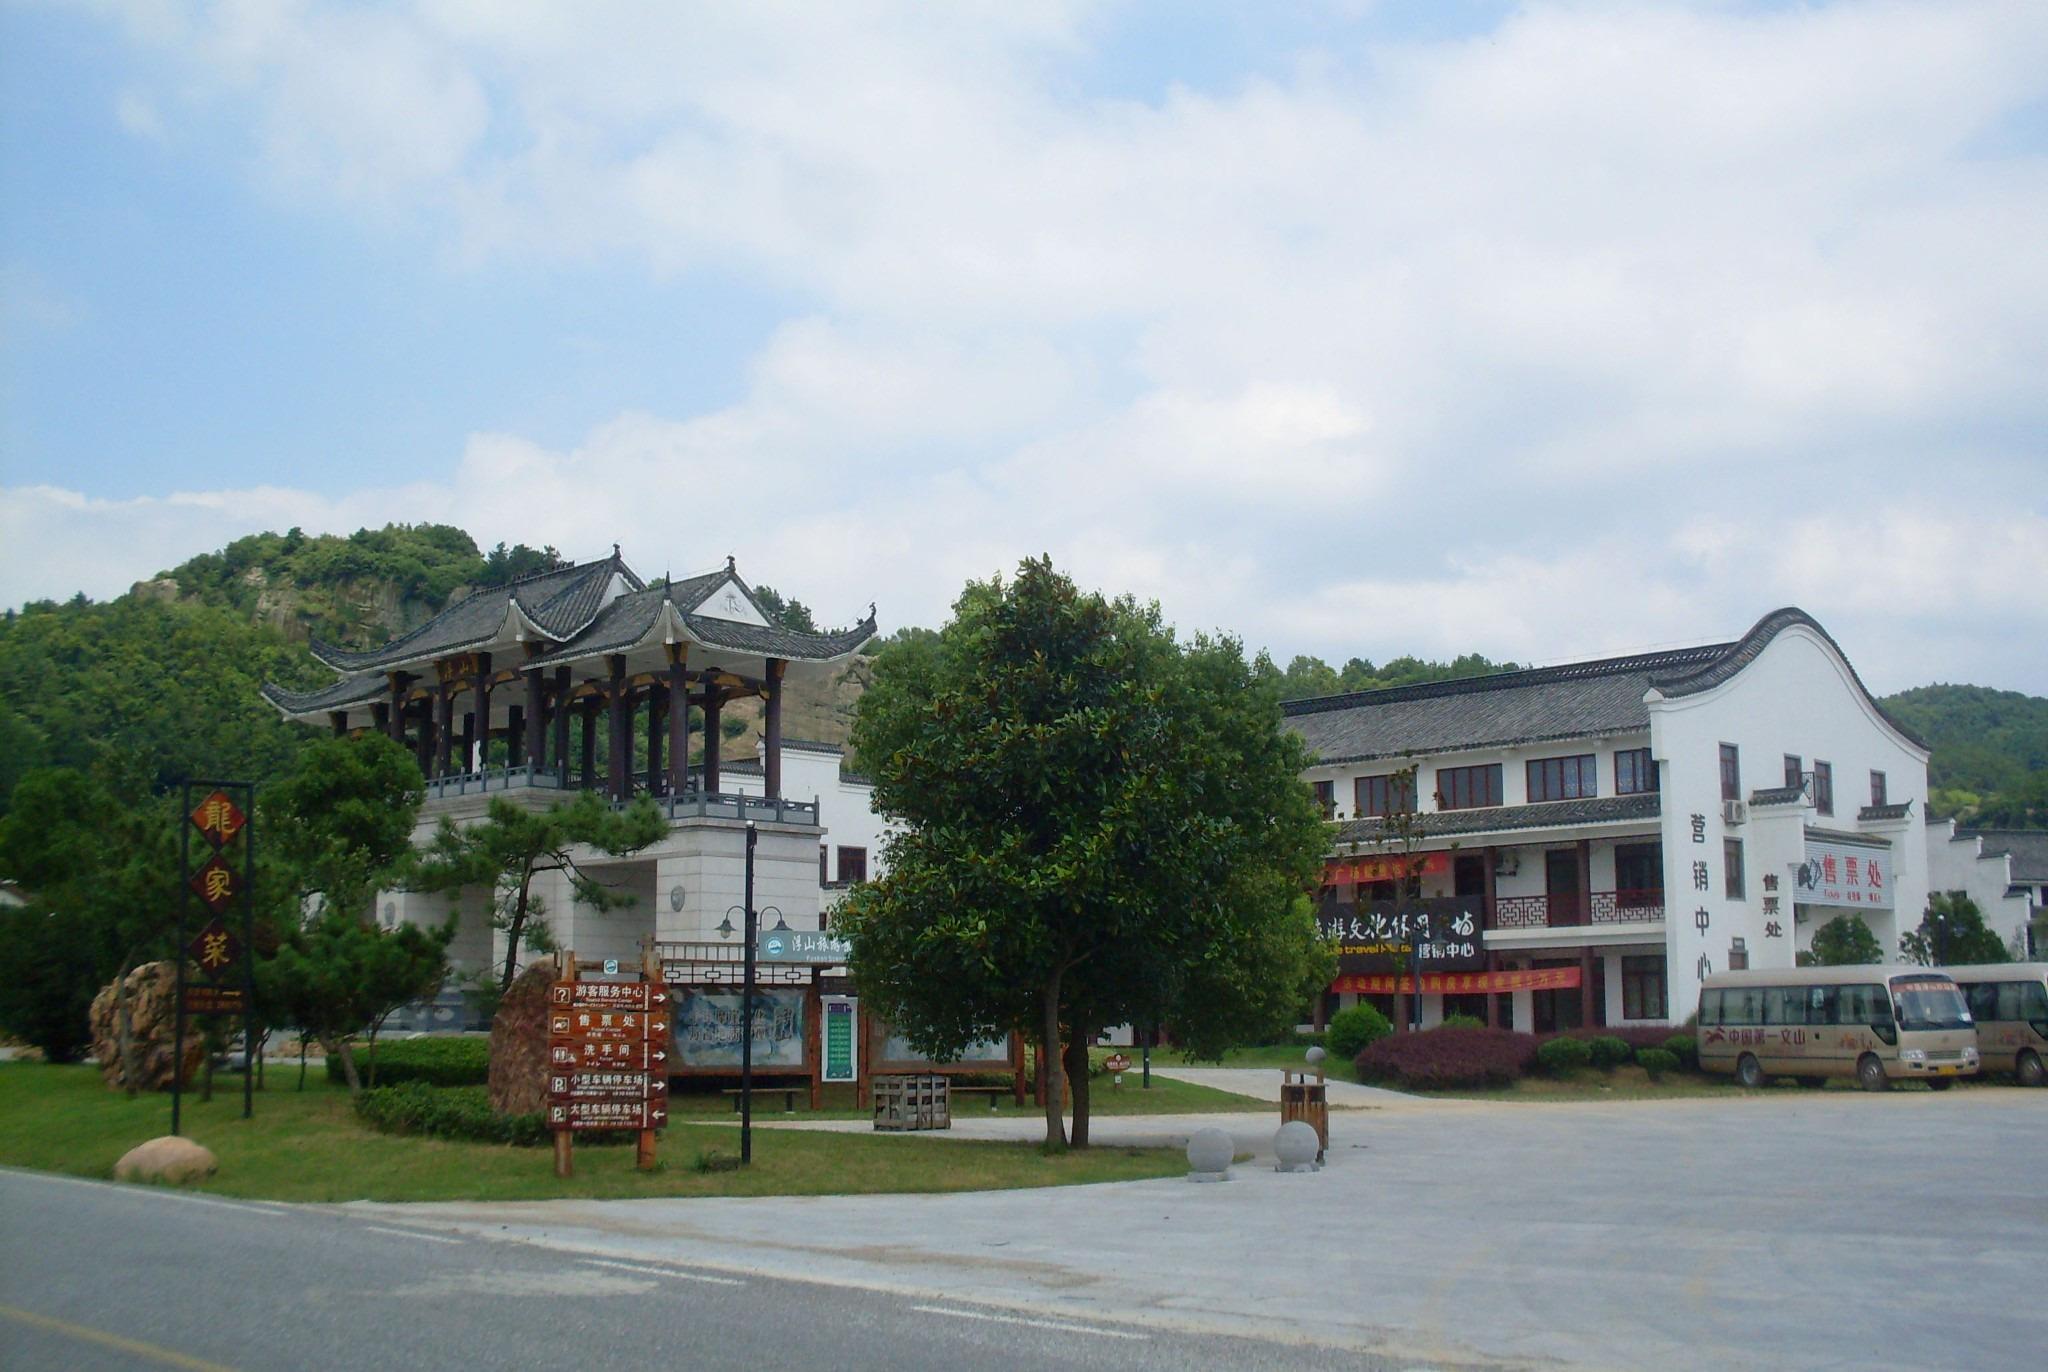 浮山旅游风景区位于枞阳县中部偏北地区,白荡湖畔,北距合肥120公里